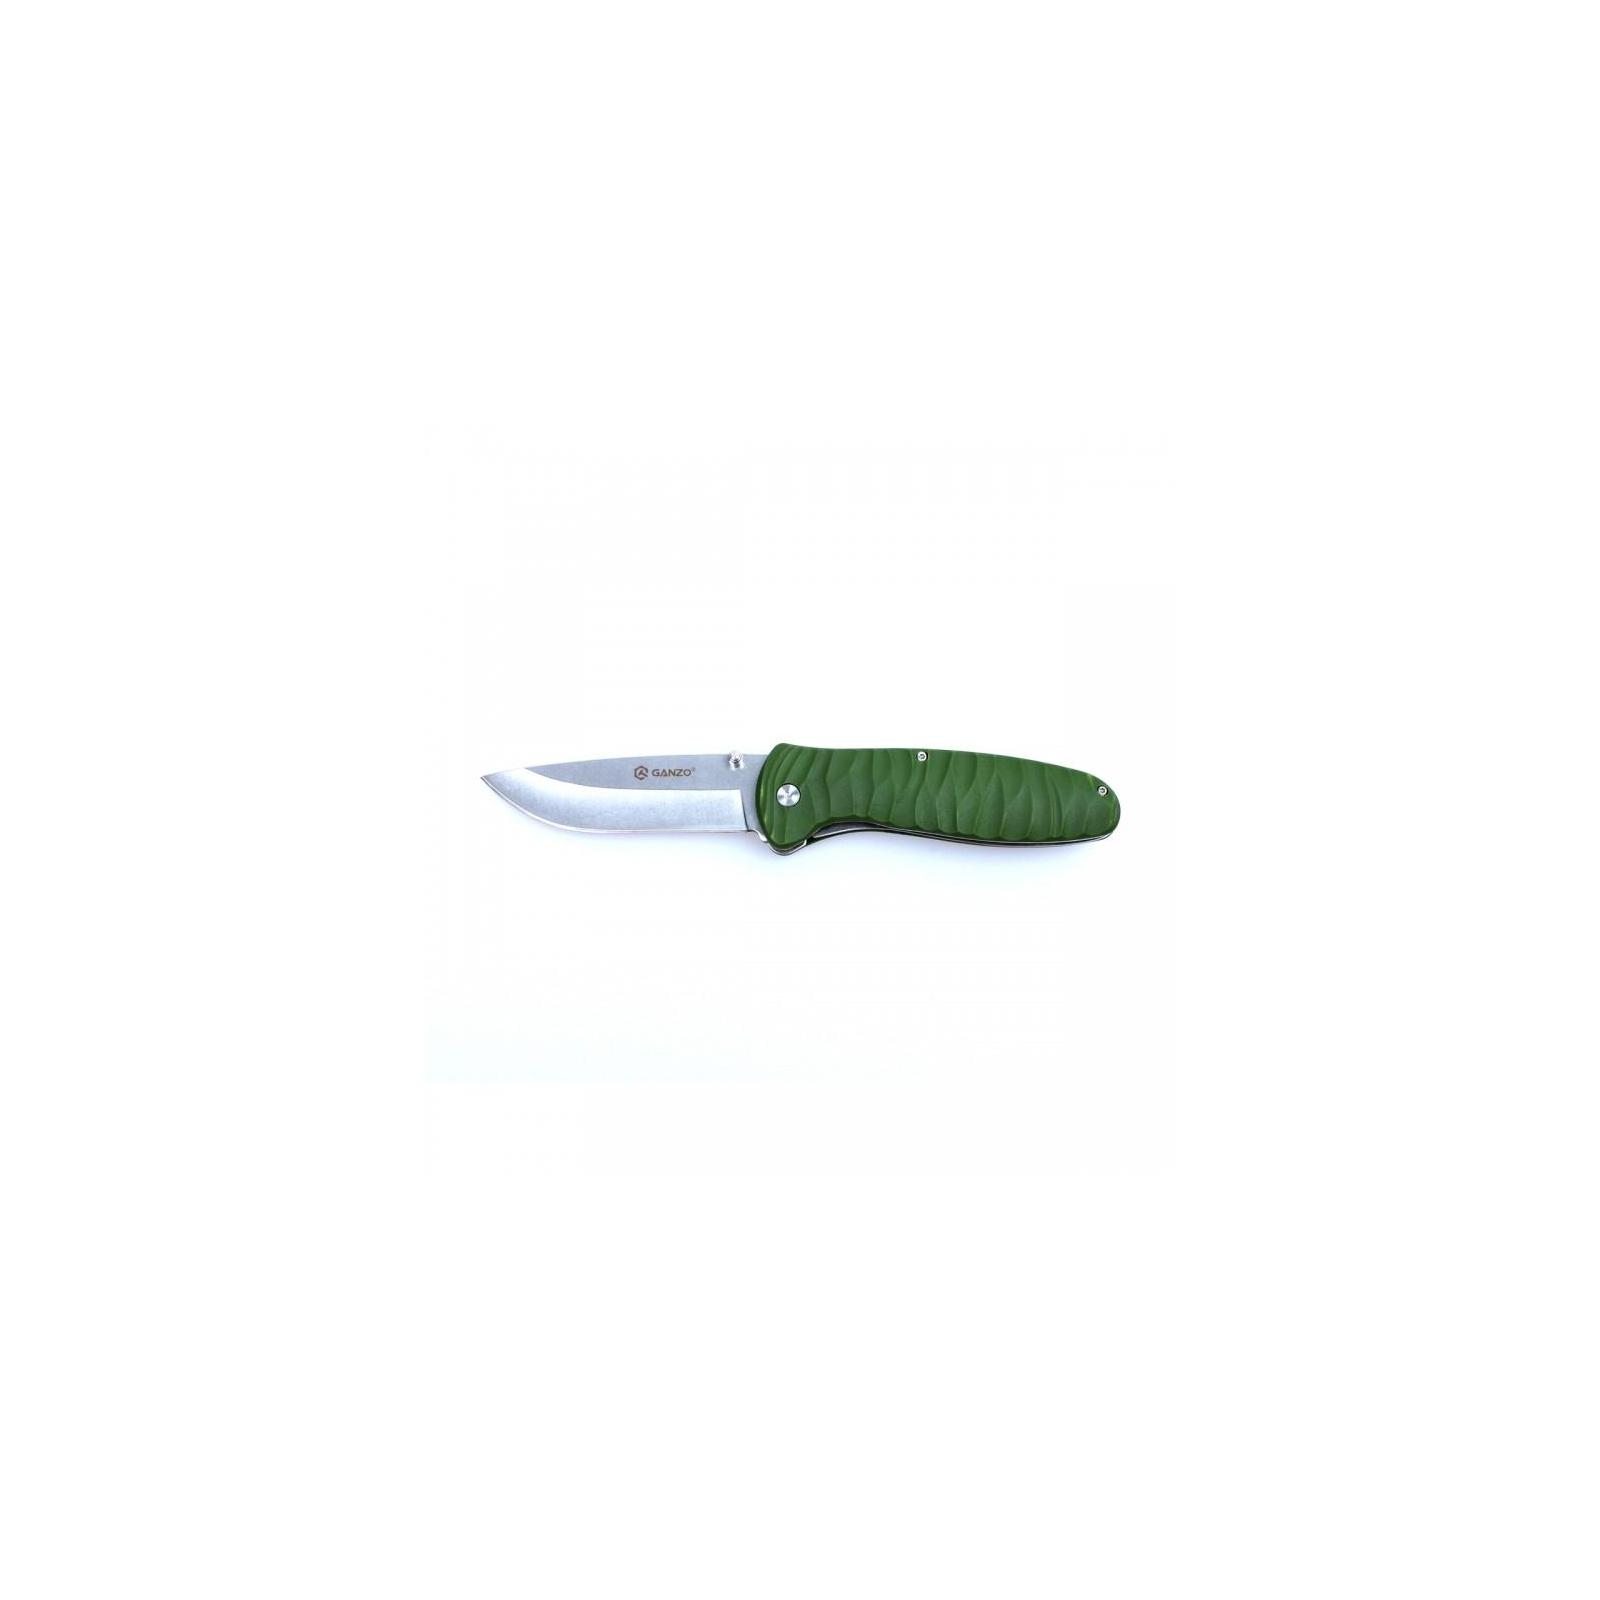 Нож Ganzo G6252-BK черный (G6252-BK) изображение 2